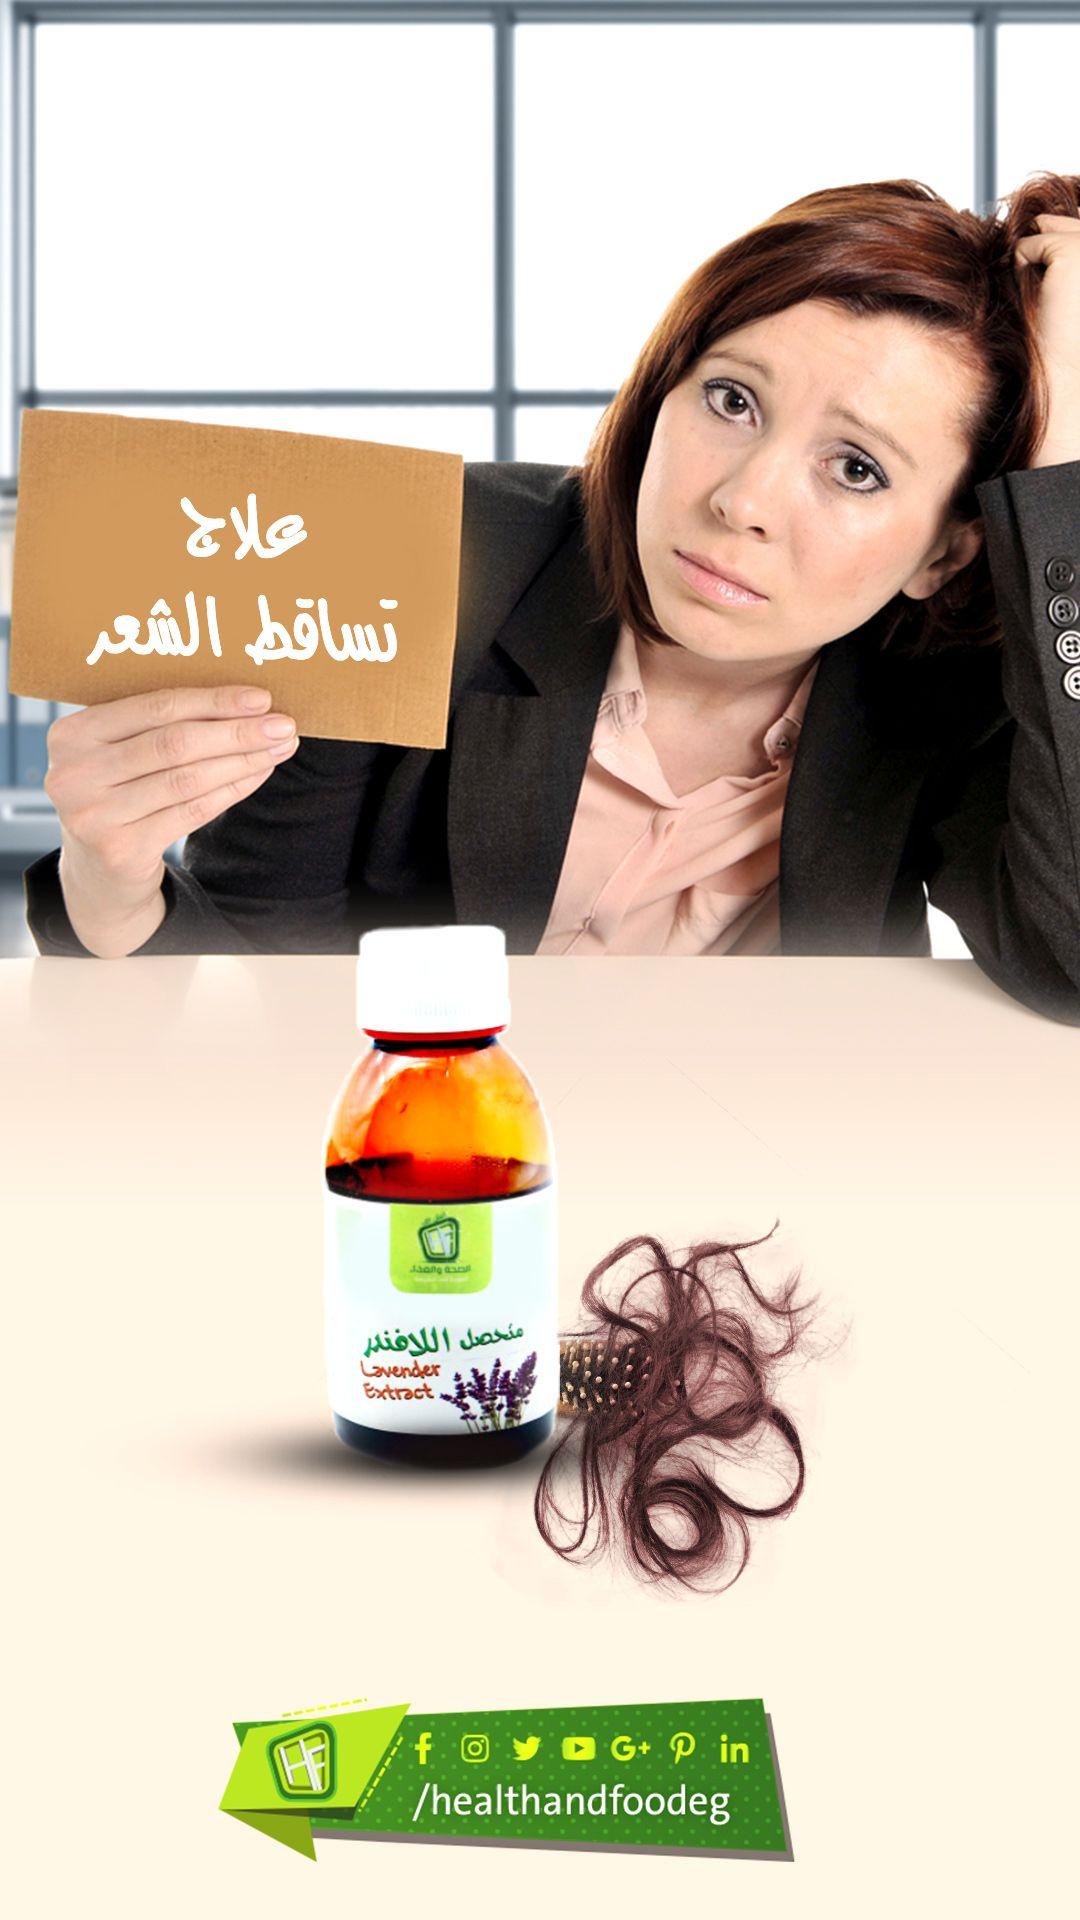 اللافندر هو المتصدر لمشاكل الجلد والشعر اللافندر معروف في طب الأعشاب بقدرته في علاج مشاكل الجلد والشعر ولكن له استخدامات طبية مختلفة Lavender Movie Posters